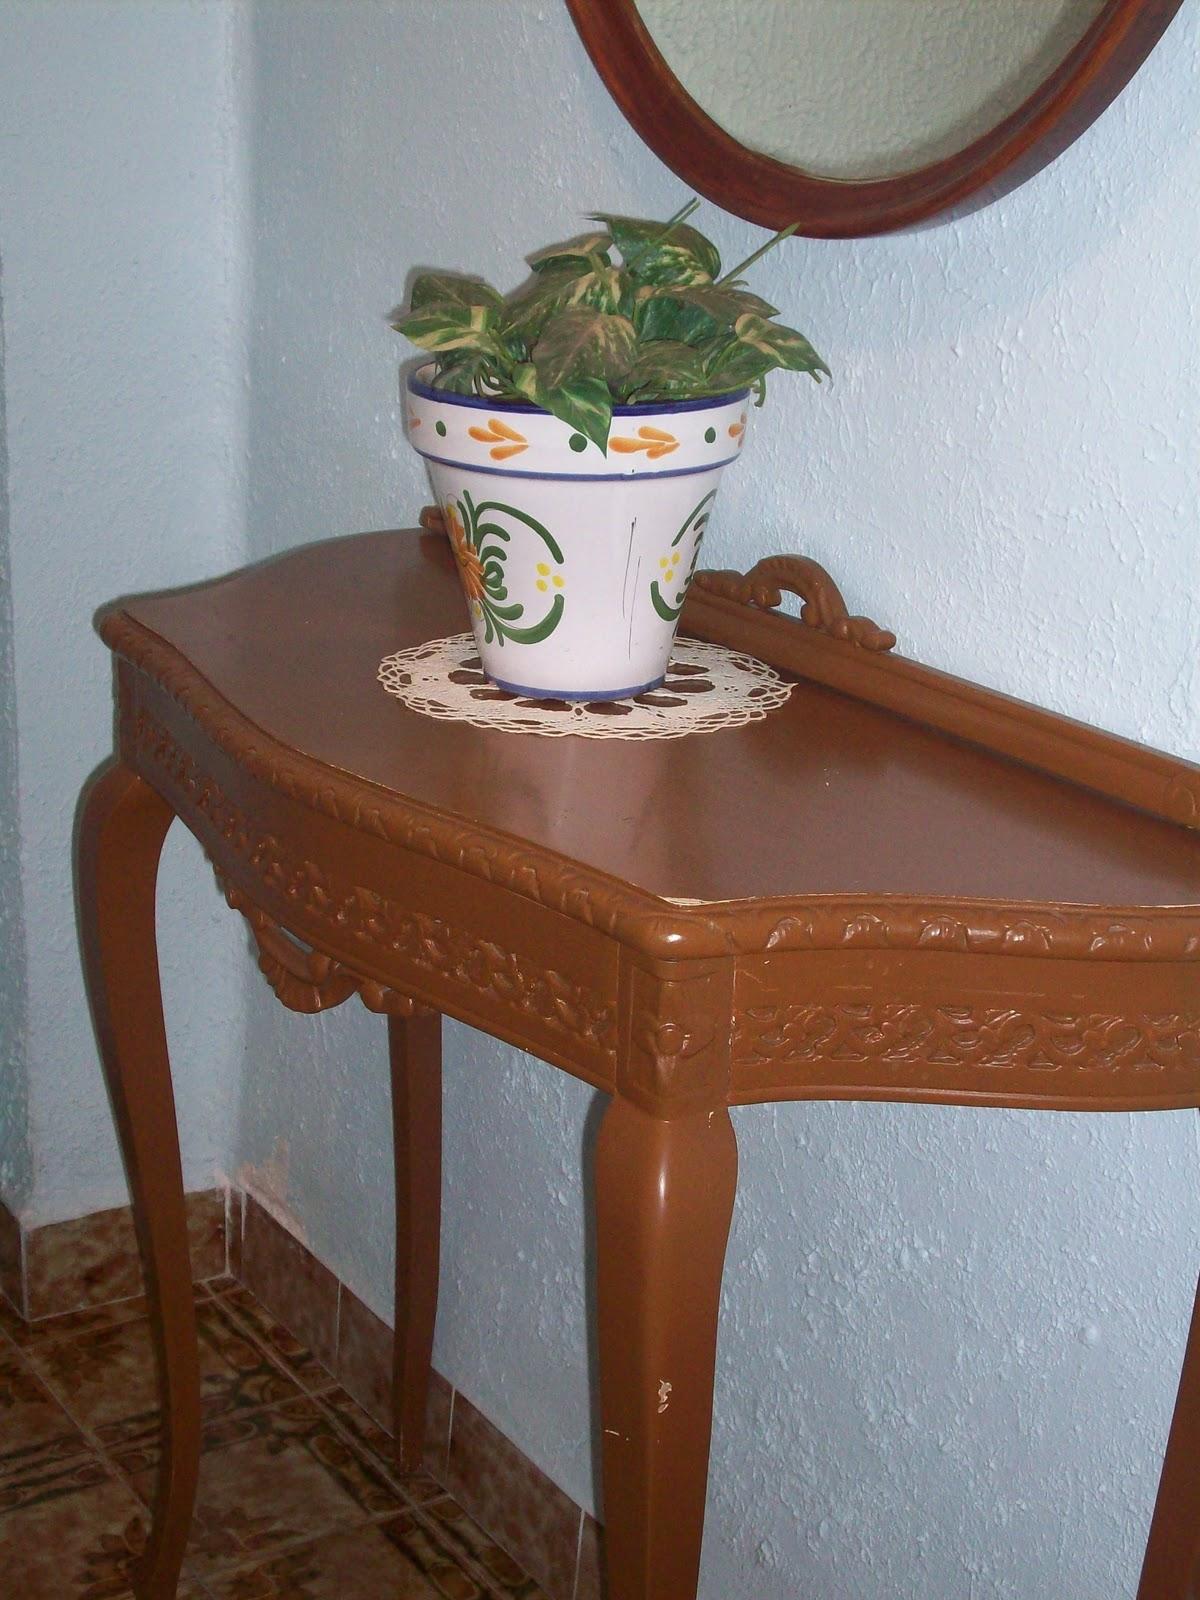 La peque a saltamontes la casa vintage de mi abuela parte ii - La casa vintage ...